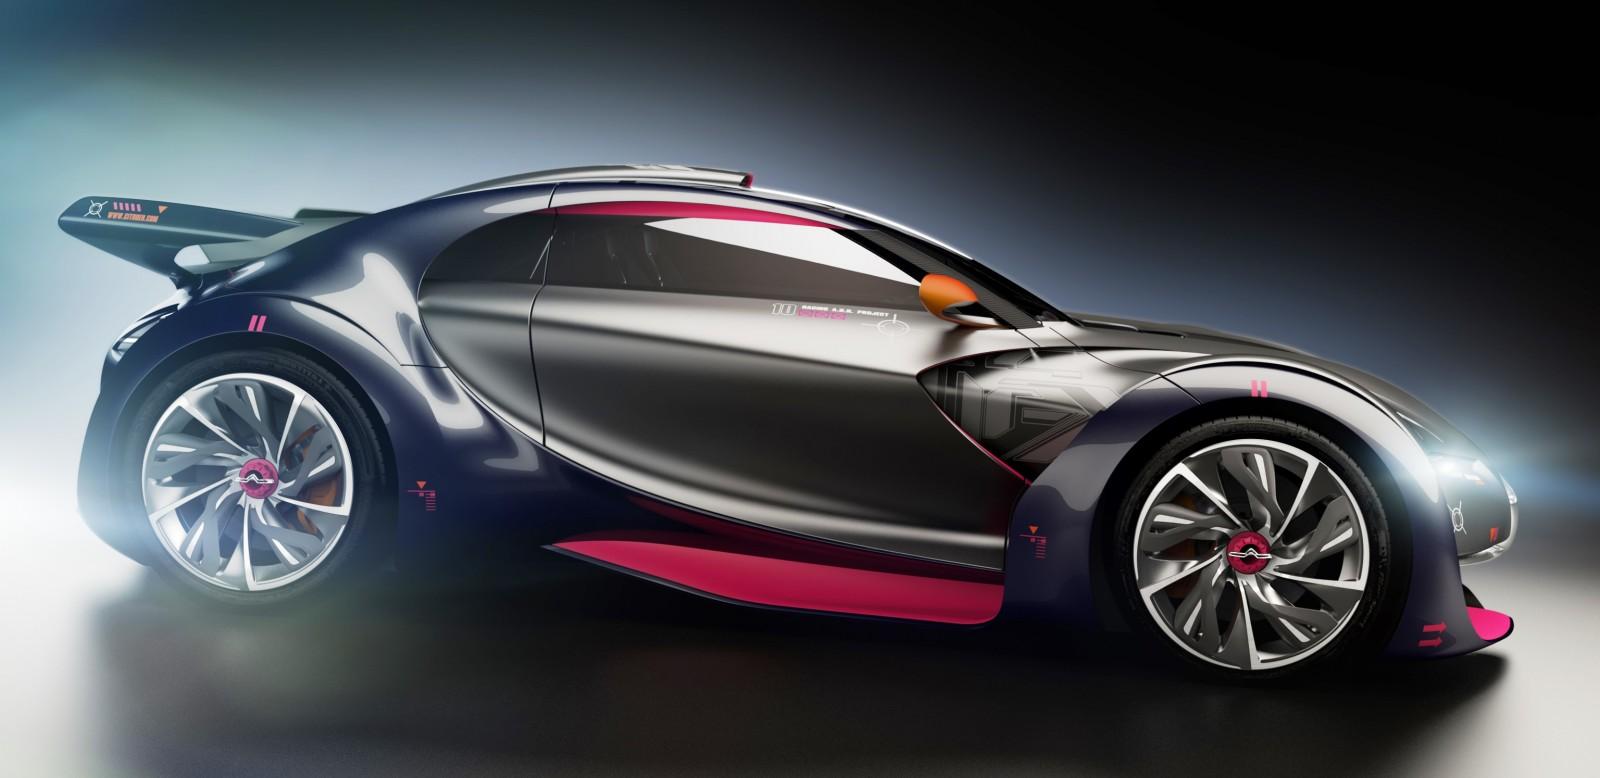 Concept Flashback - 2010 Citroen Survolt 51